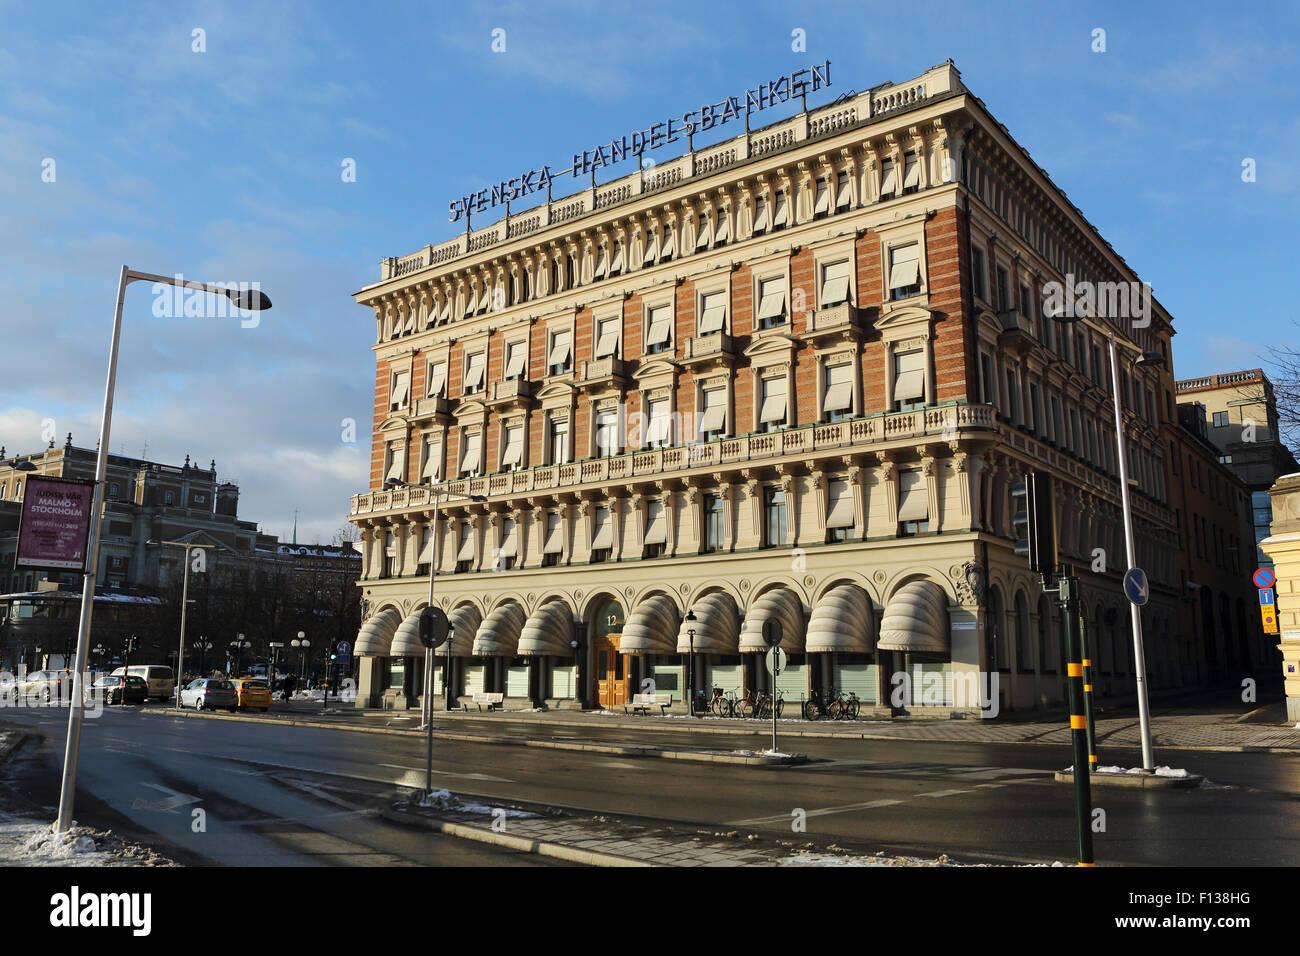 The Svenska Handelsbanken in Stockholm, Sweden. The Swedish bank was established in 1871. - Stock Image